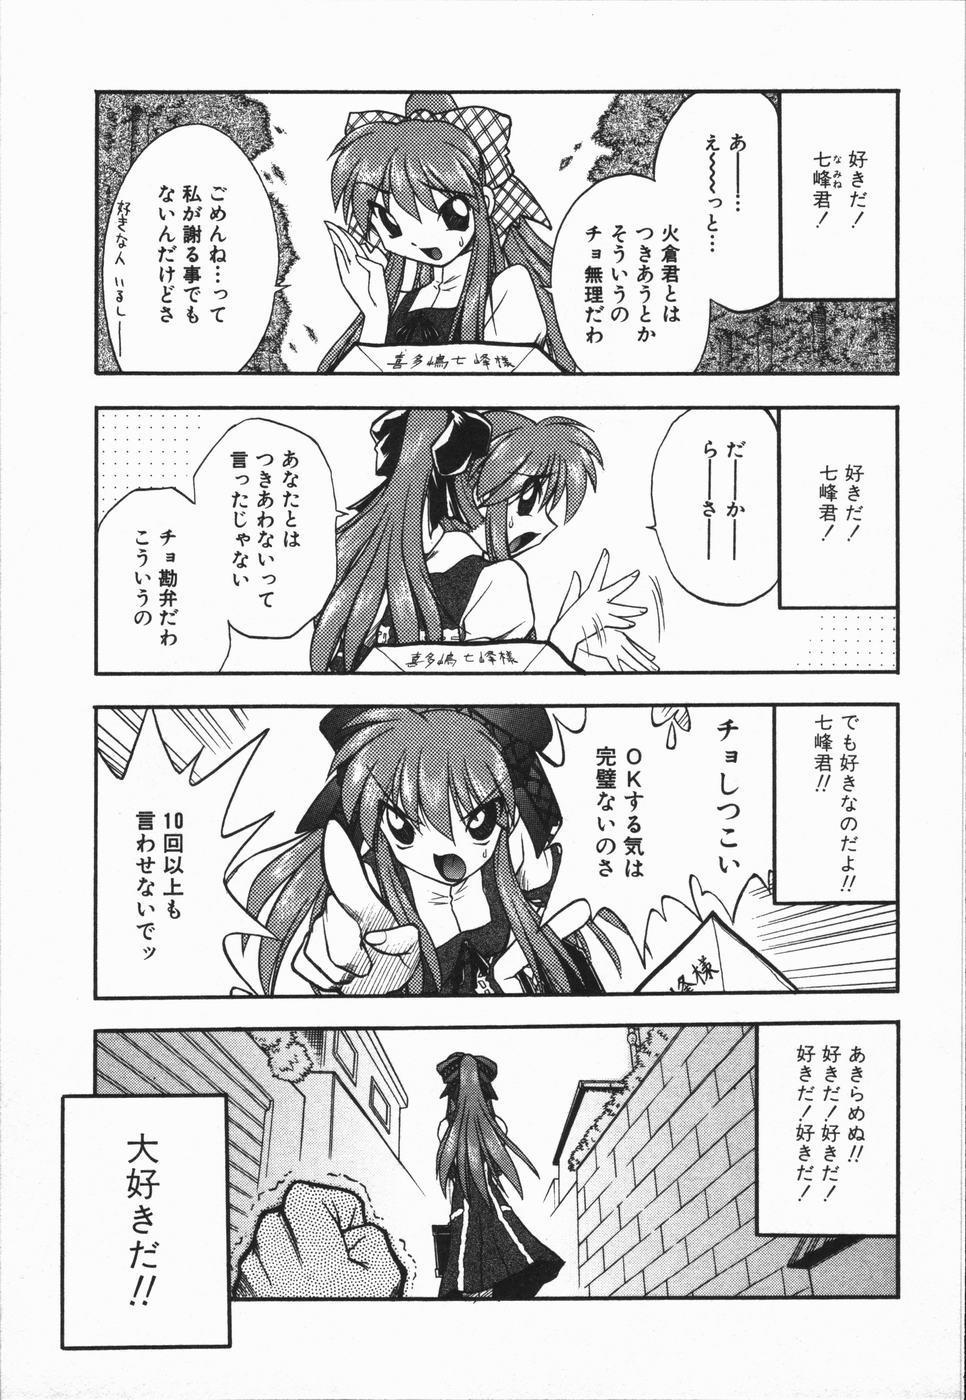 [Oka Sundome] Mebina-tachi no Gogo | -Maybe-na Afternoon- 98